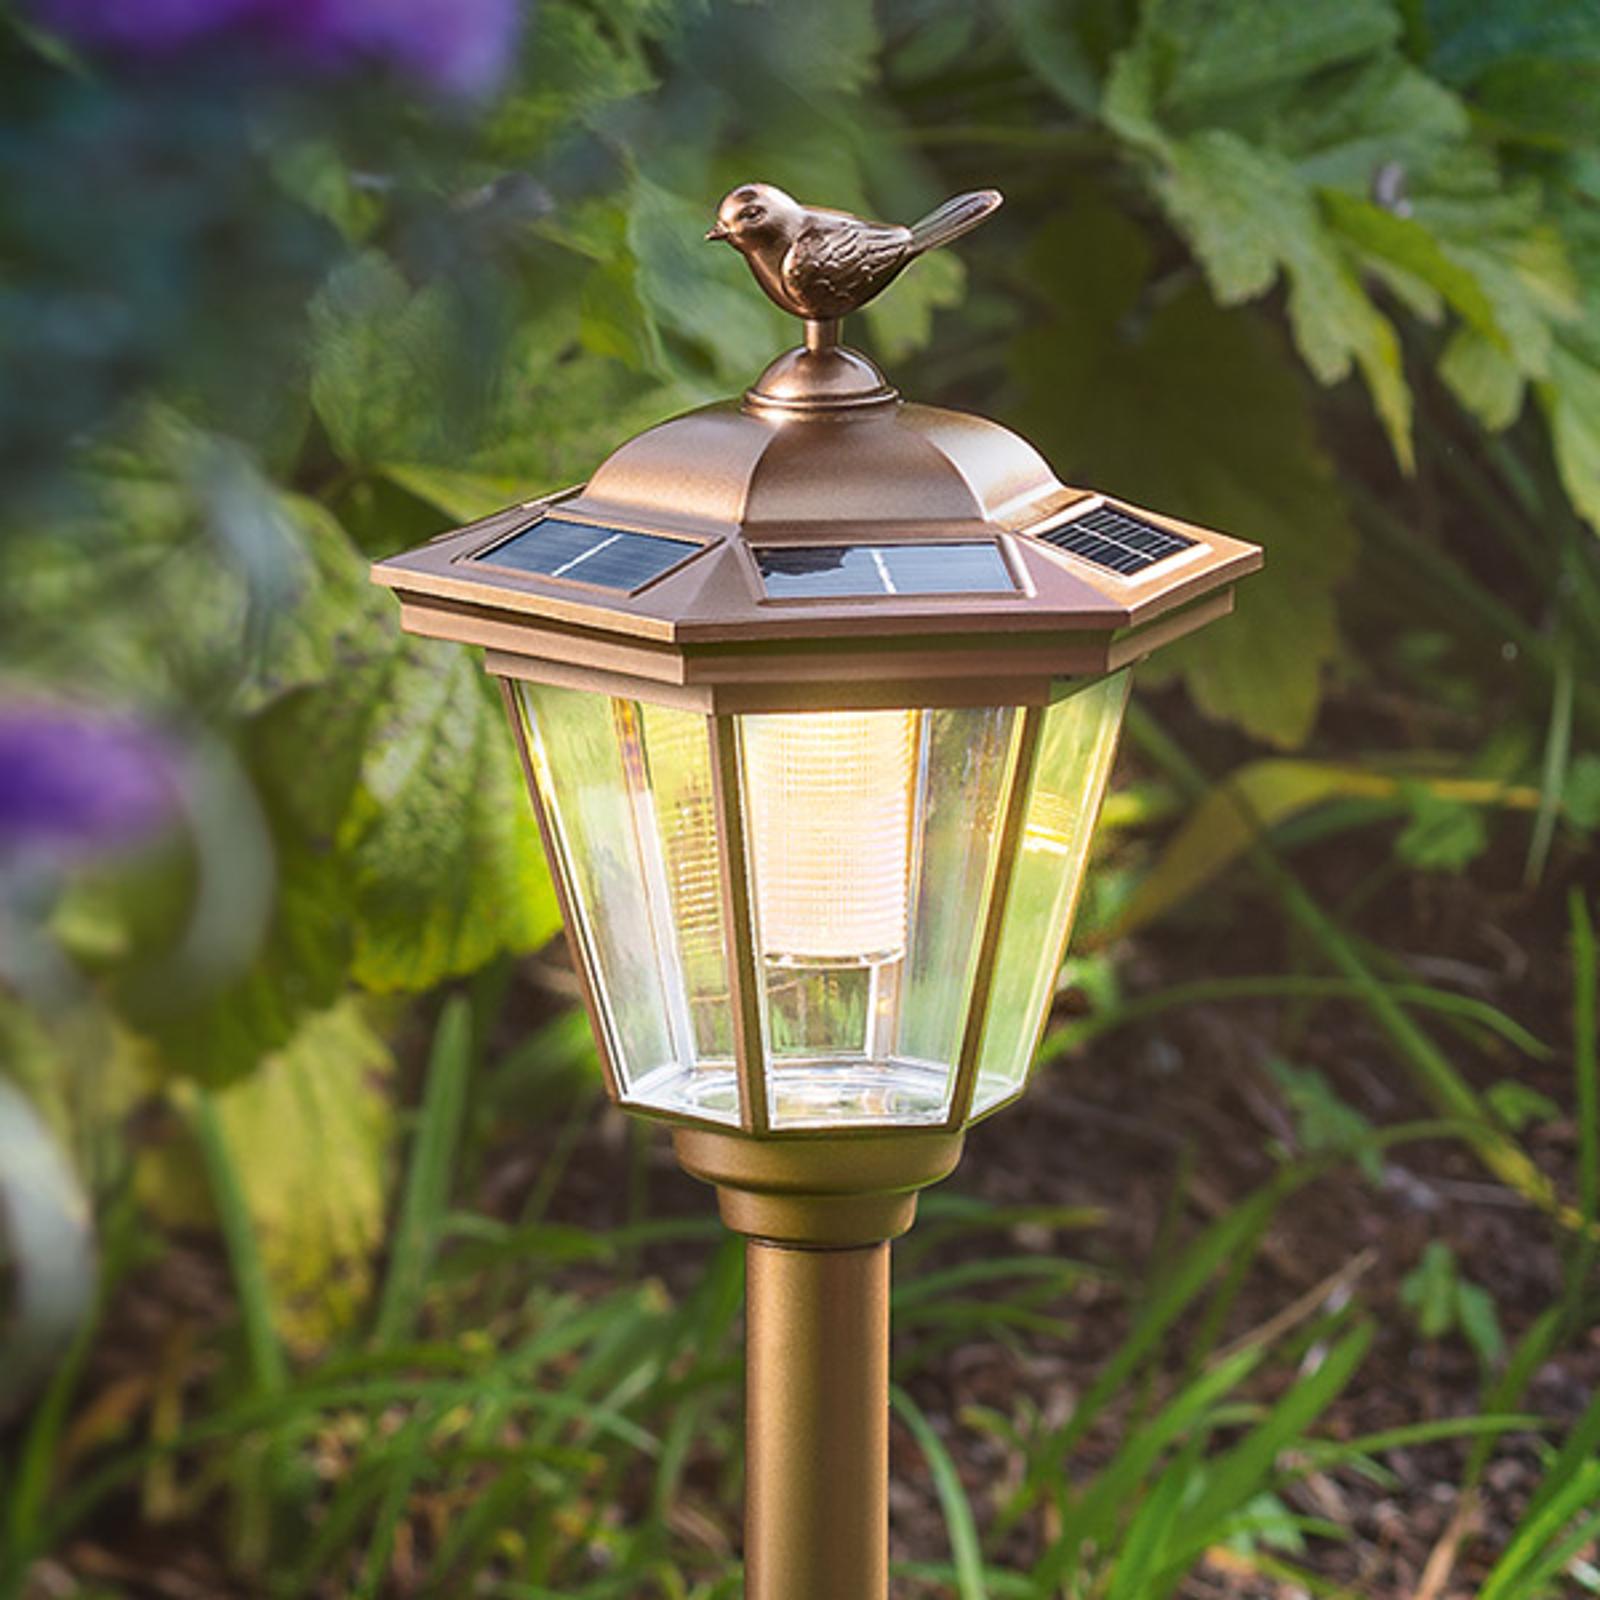 Lampada a picchetto a LED solare Tivoli, rame